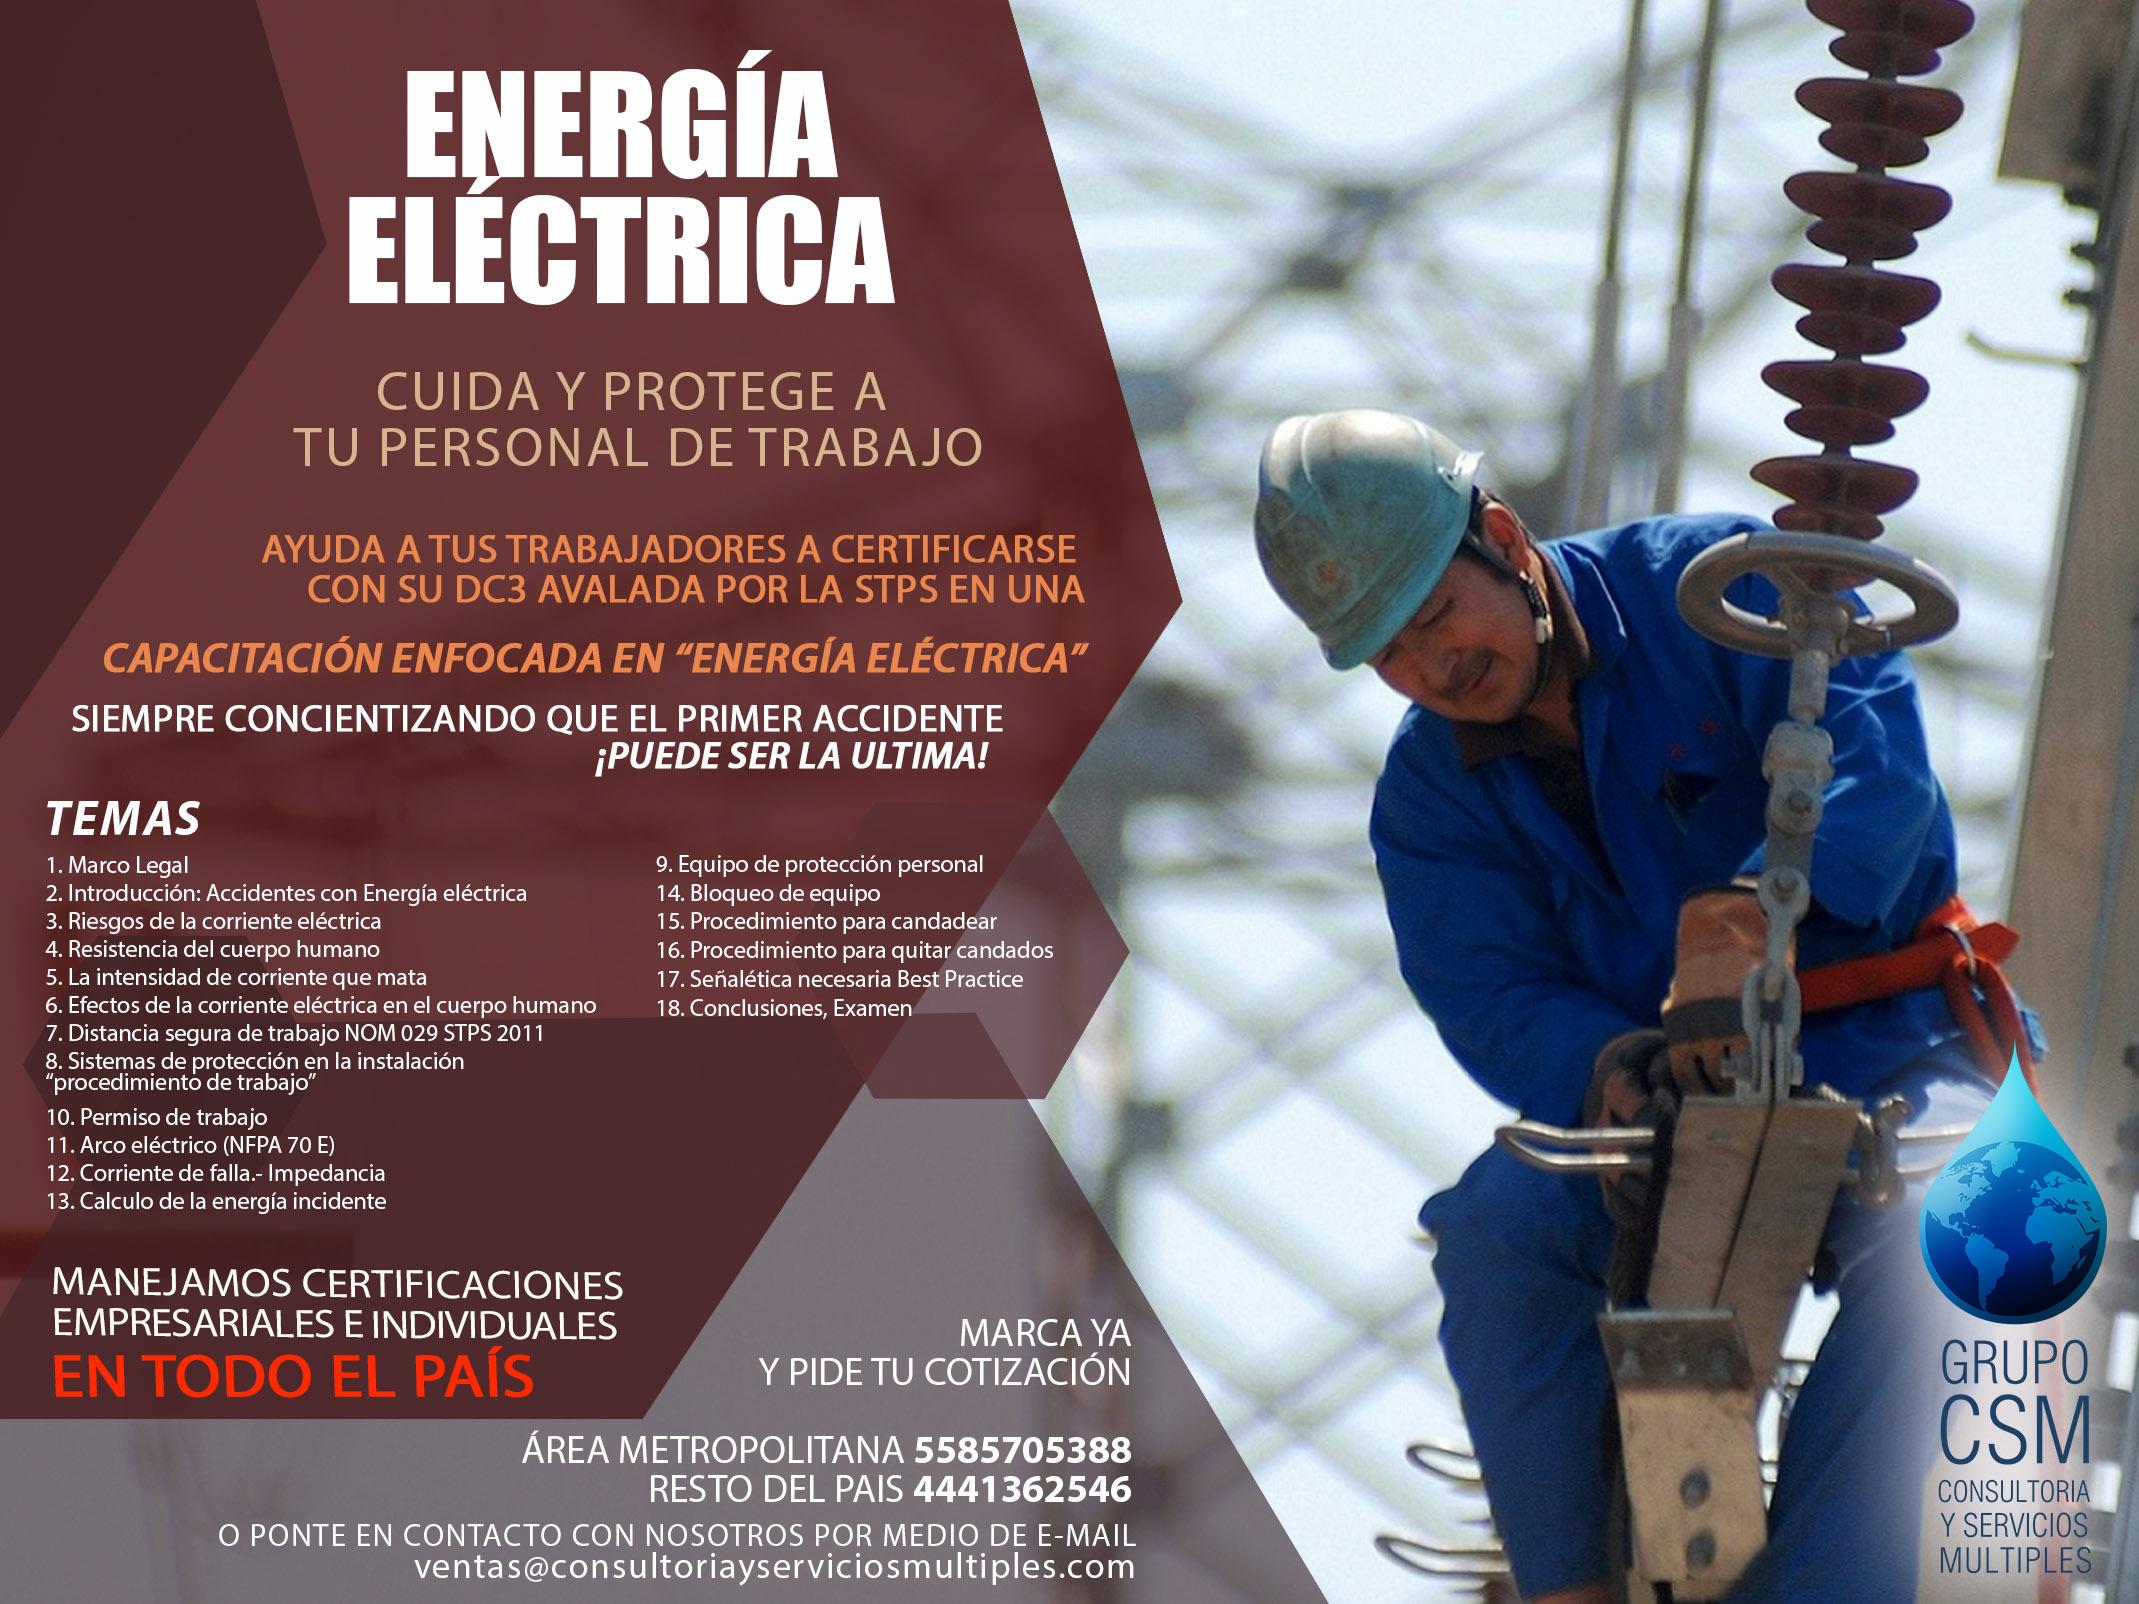 Curso Energía Eléctrica